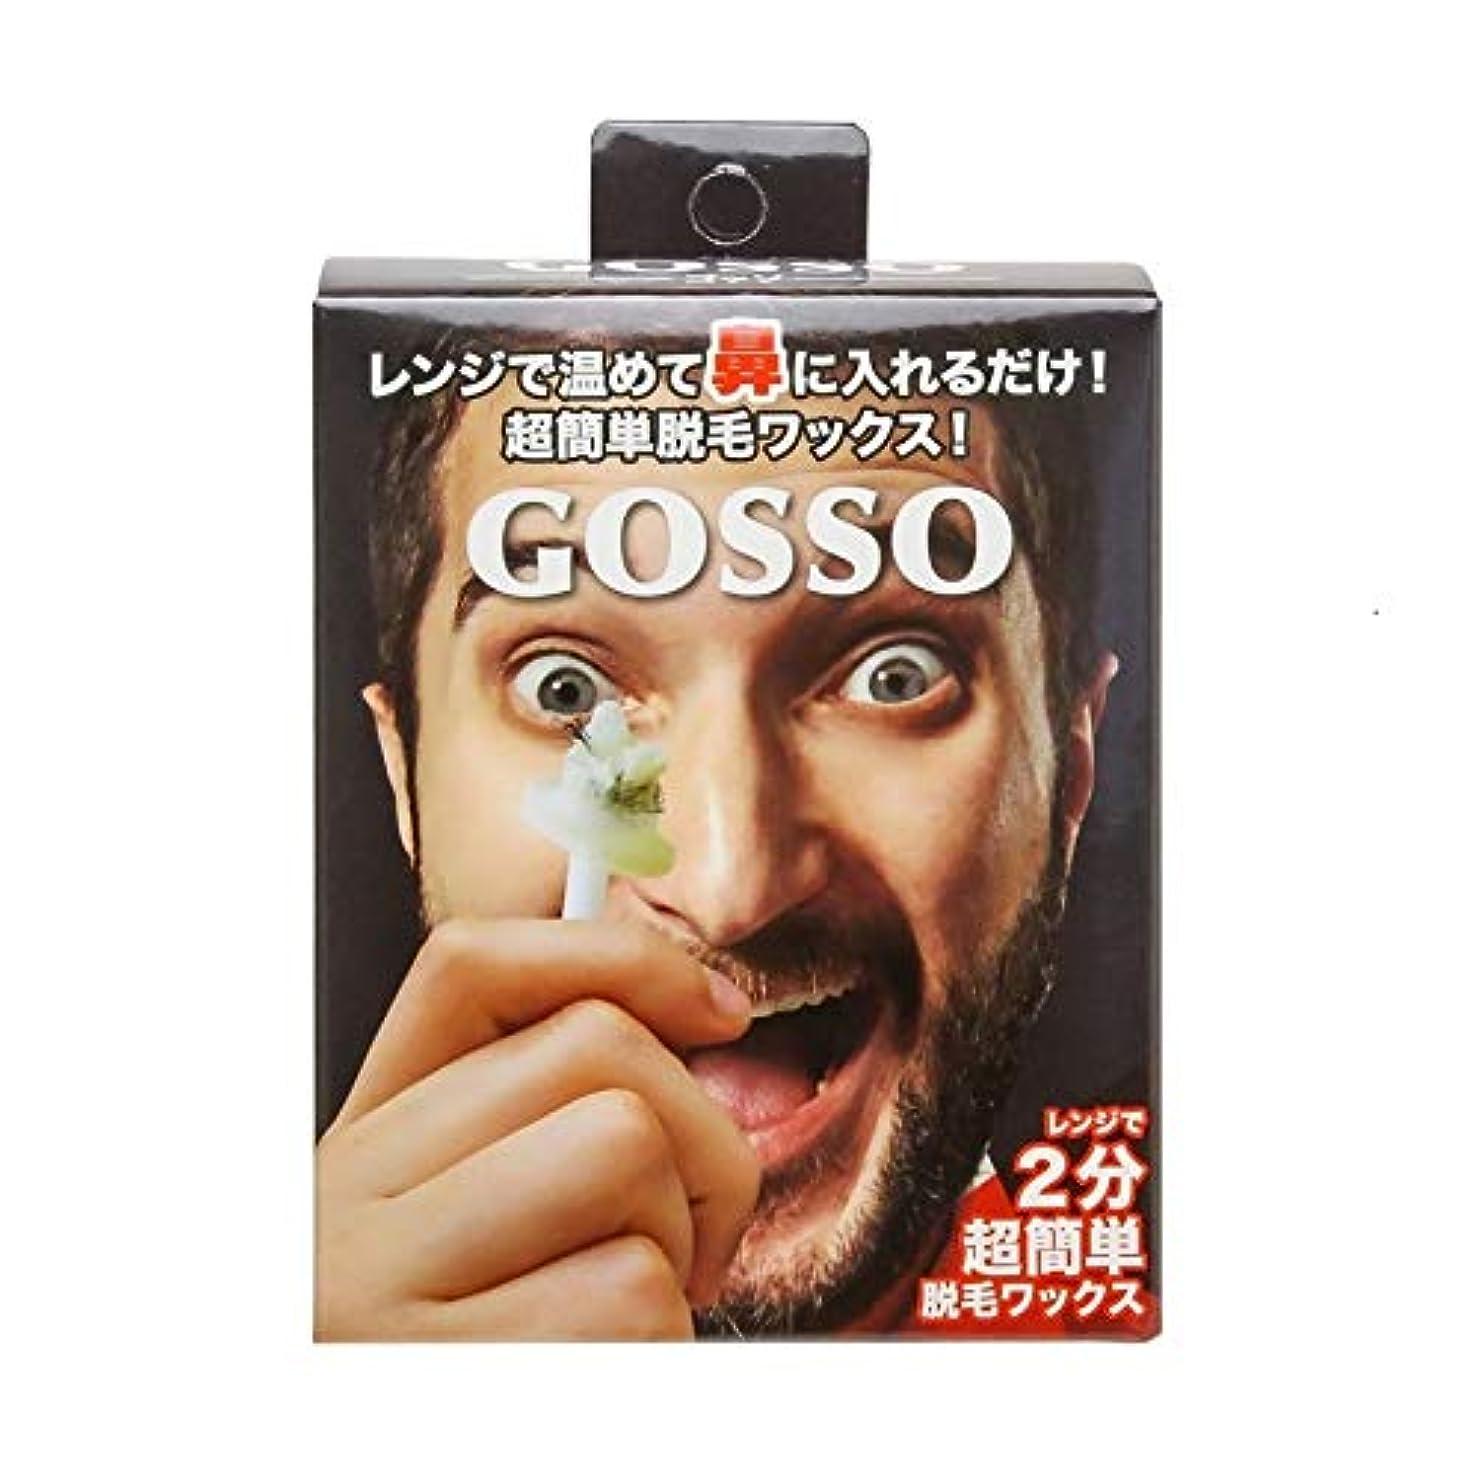 プロジェクター家プロジェクターGOSSO ゴッソ (ブラジリアンワックス鼻毛脱毛セット)